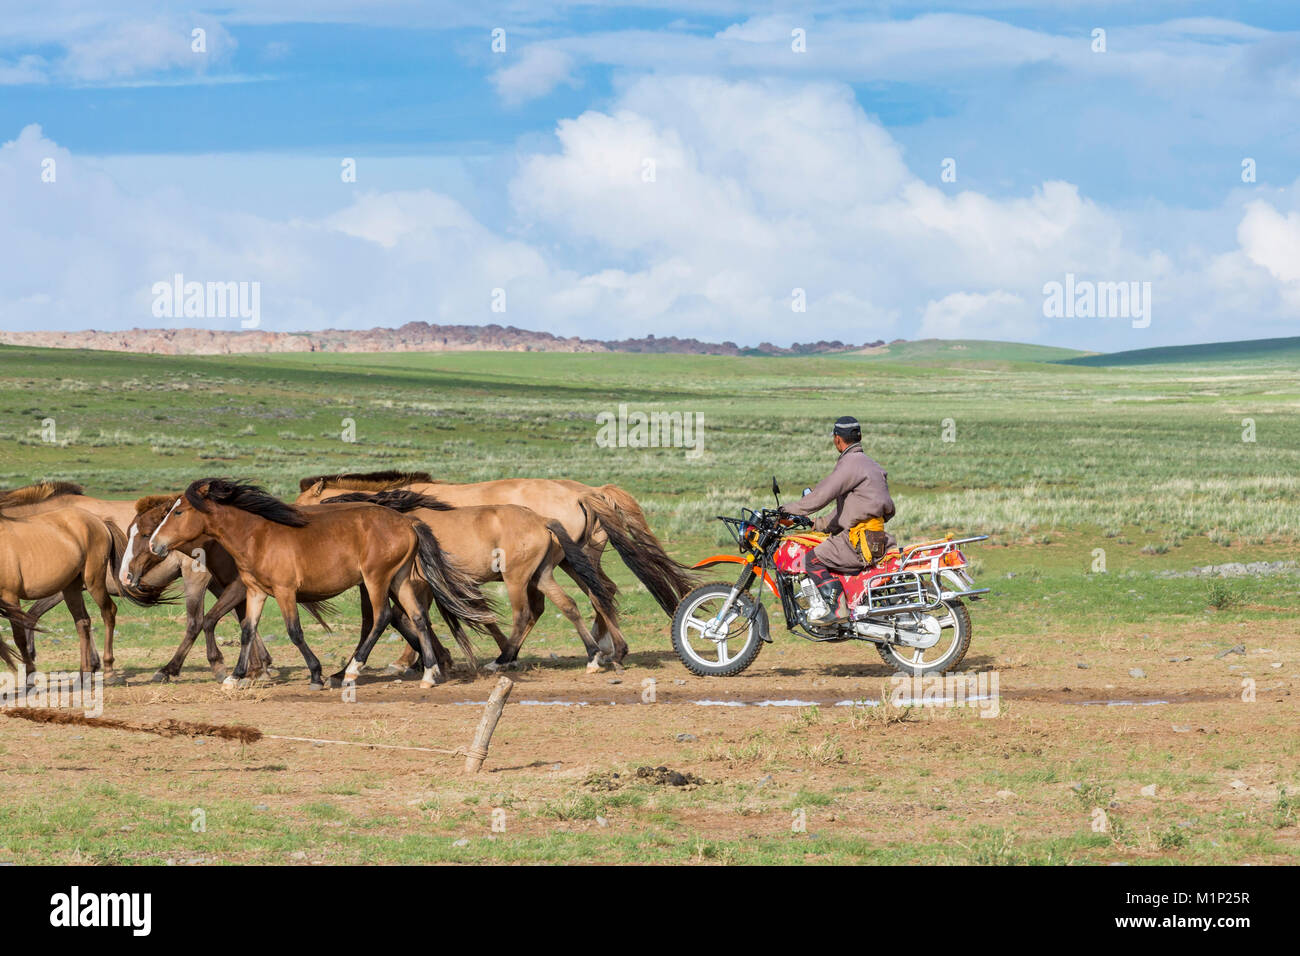 Hombre nómada mongol en moto encuentro caballos, Media provincia de Gobi, Mongolia, Asia Central, África Imagen De Stock